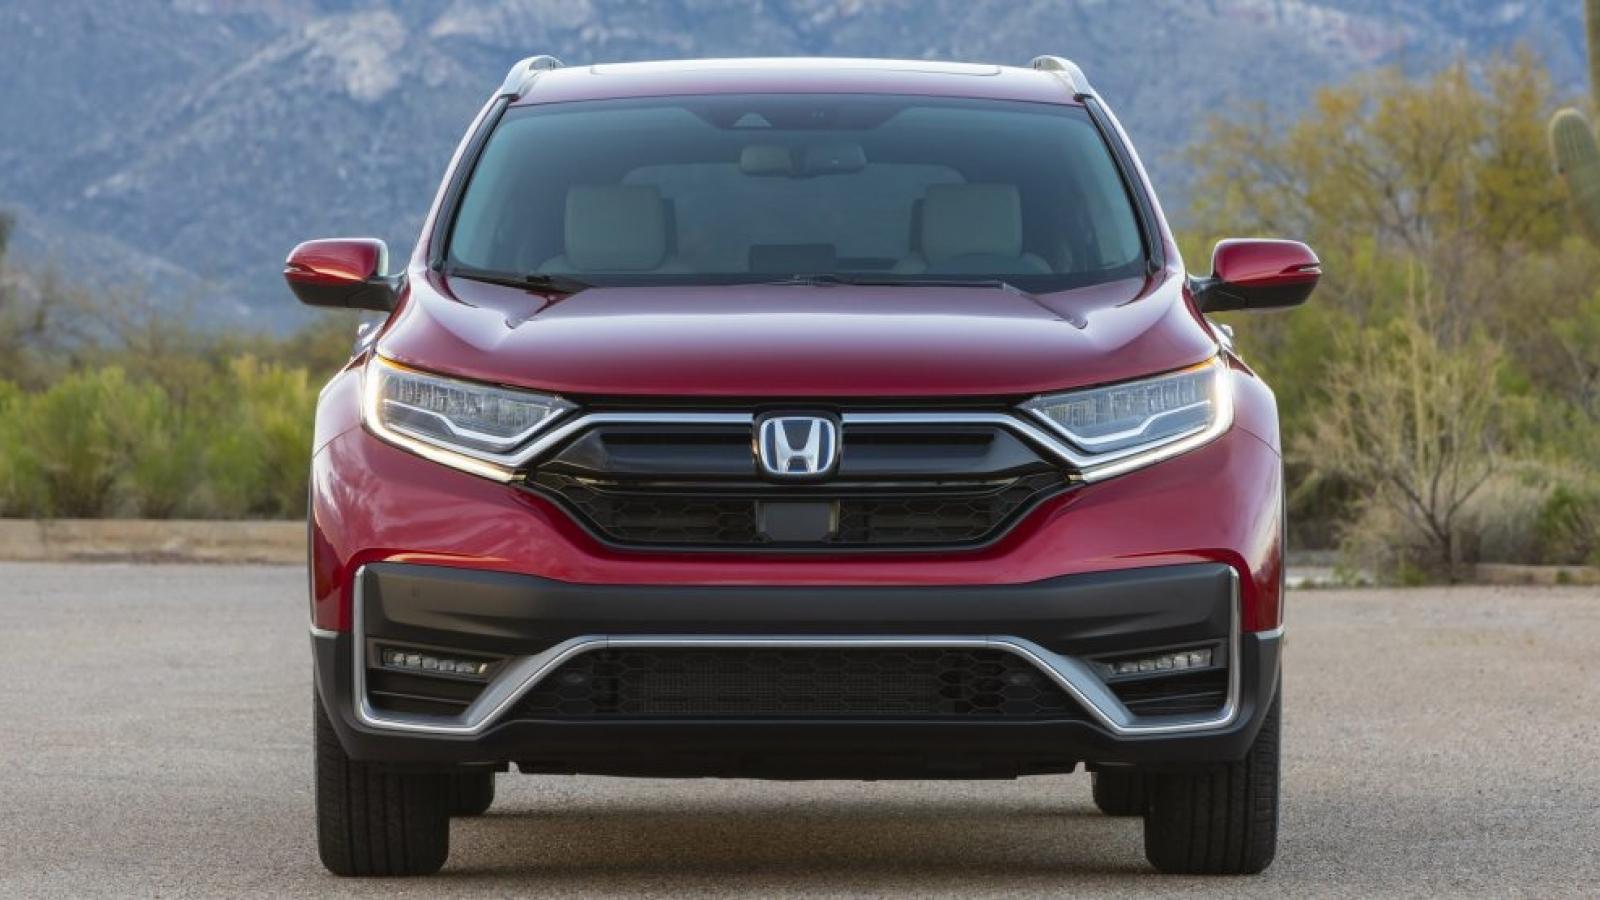 Honda ngừng bán xe tại Nga từ năm 2022